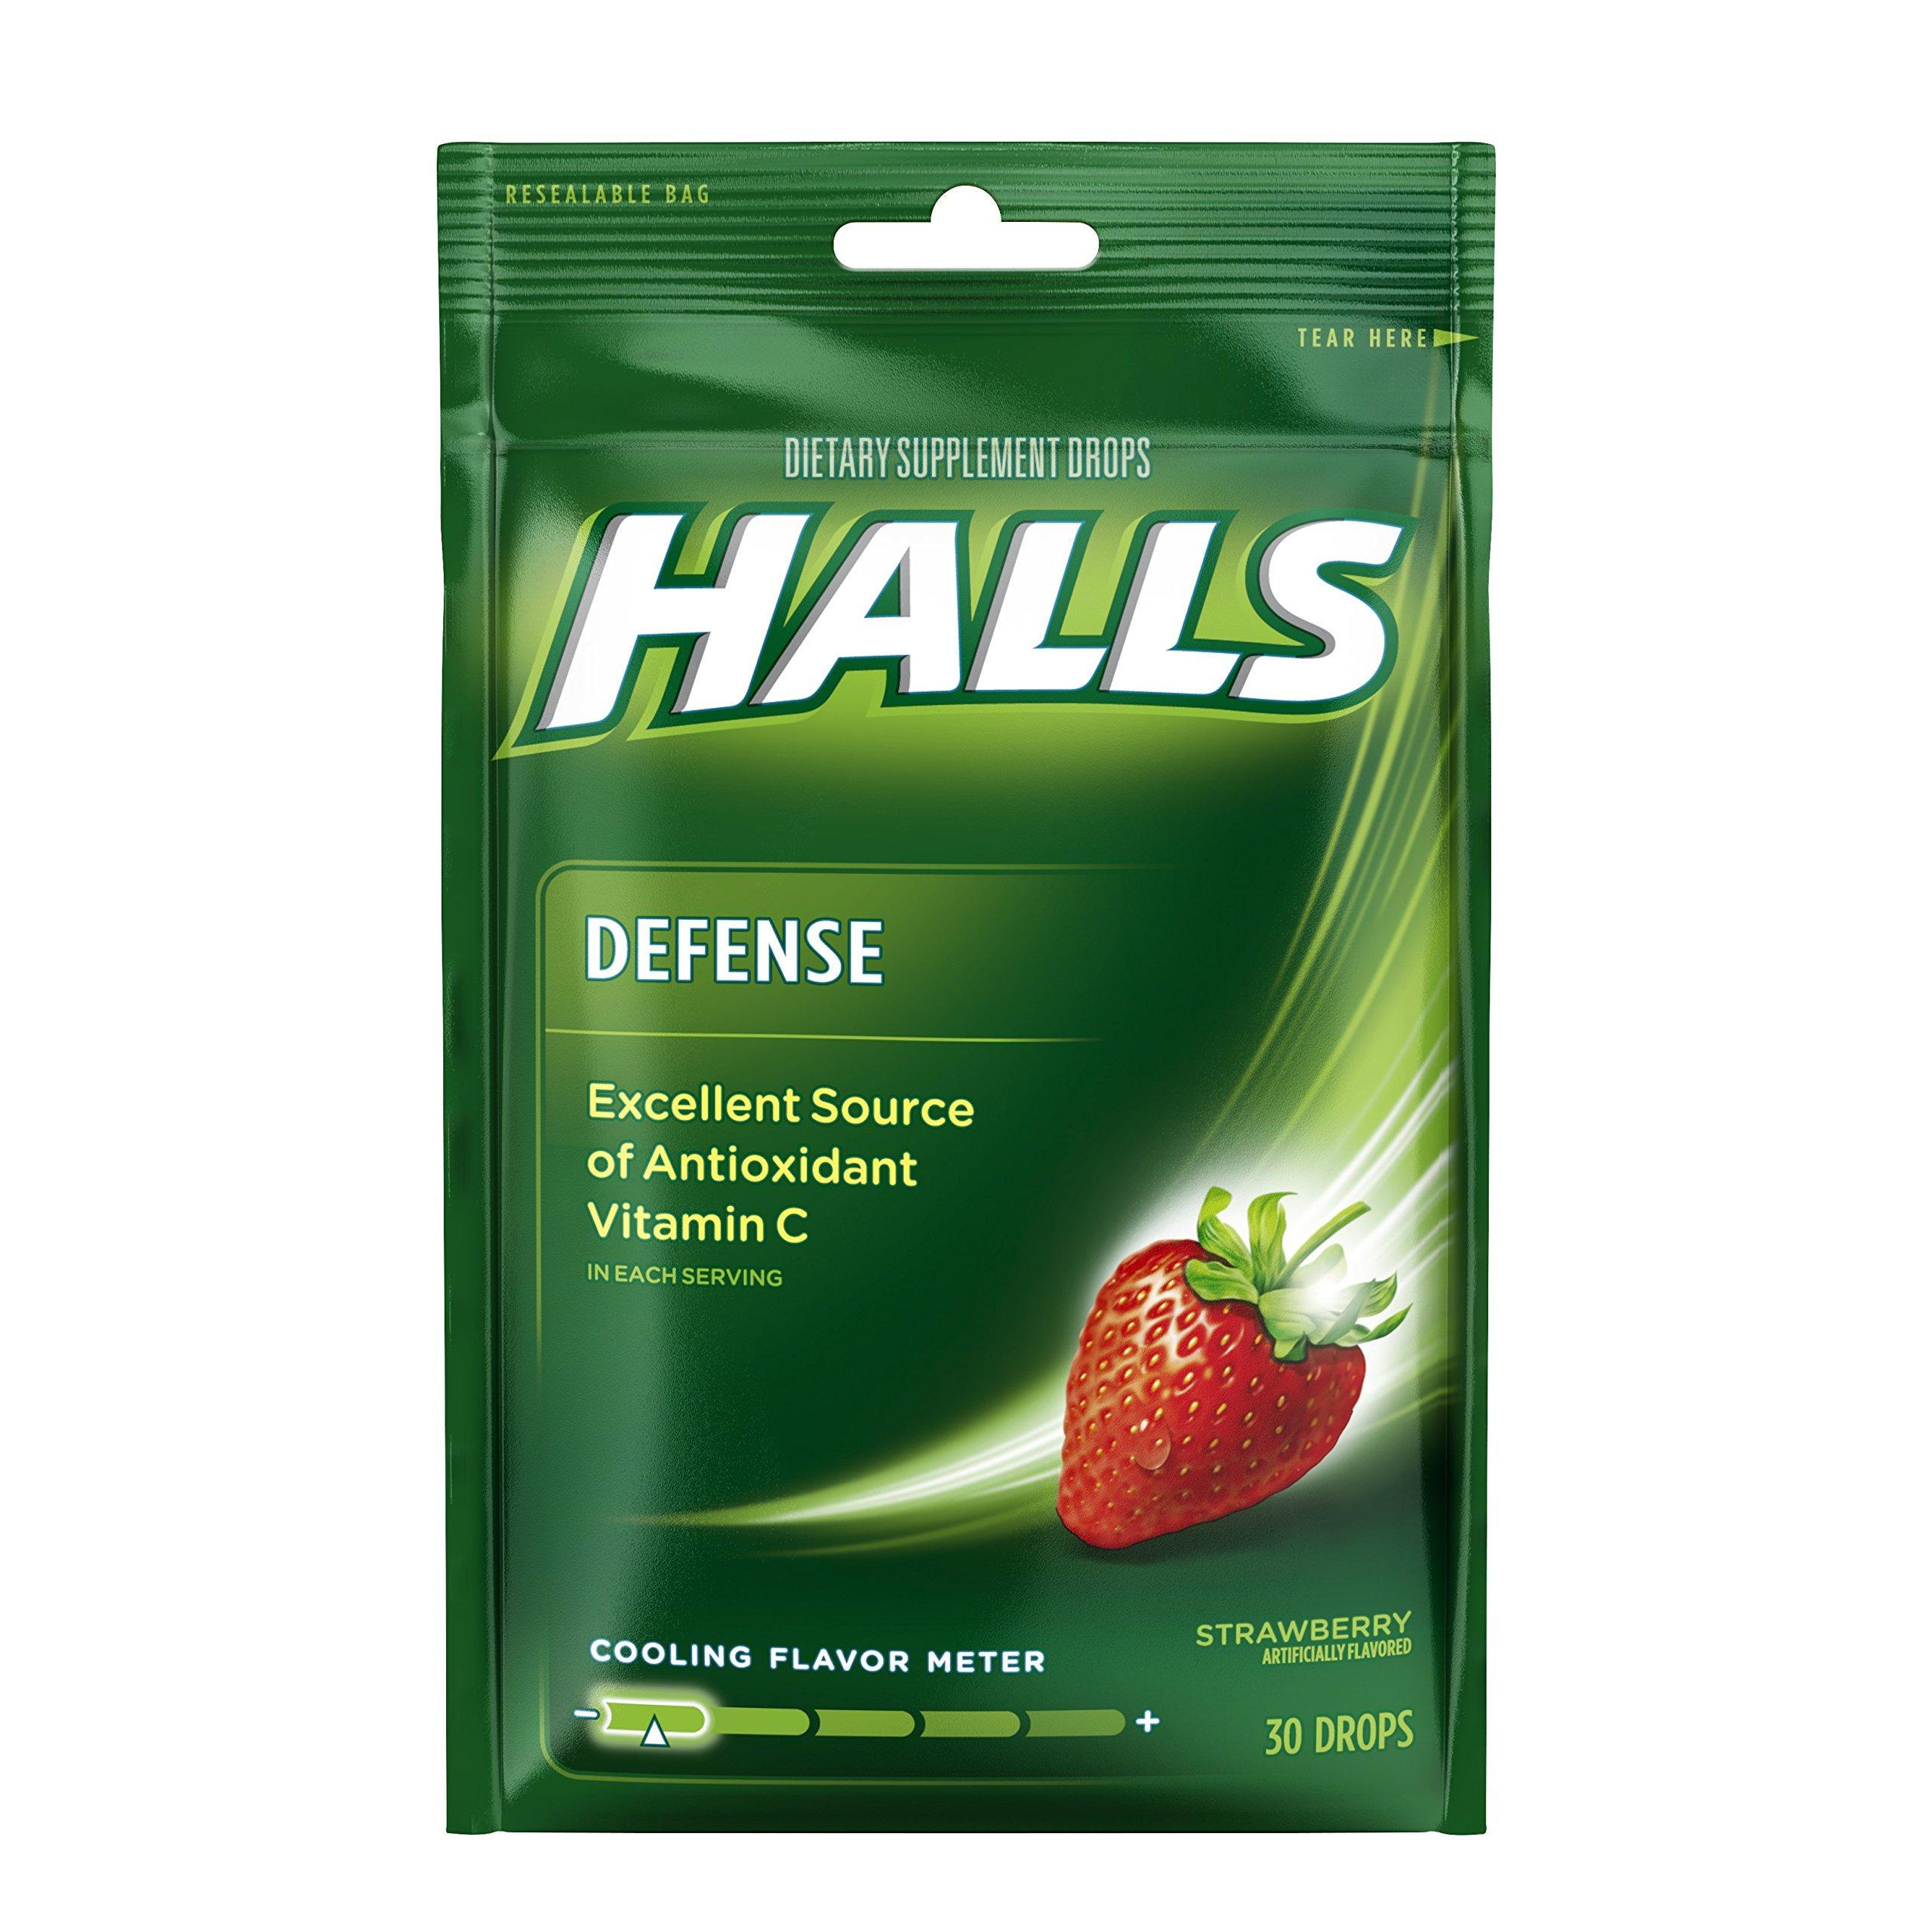 Halls Defense Strawberry Vitamin C Drops - 360 Drops (12 bags of 30 drops)